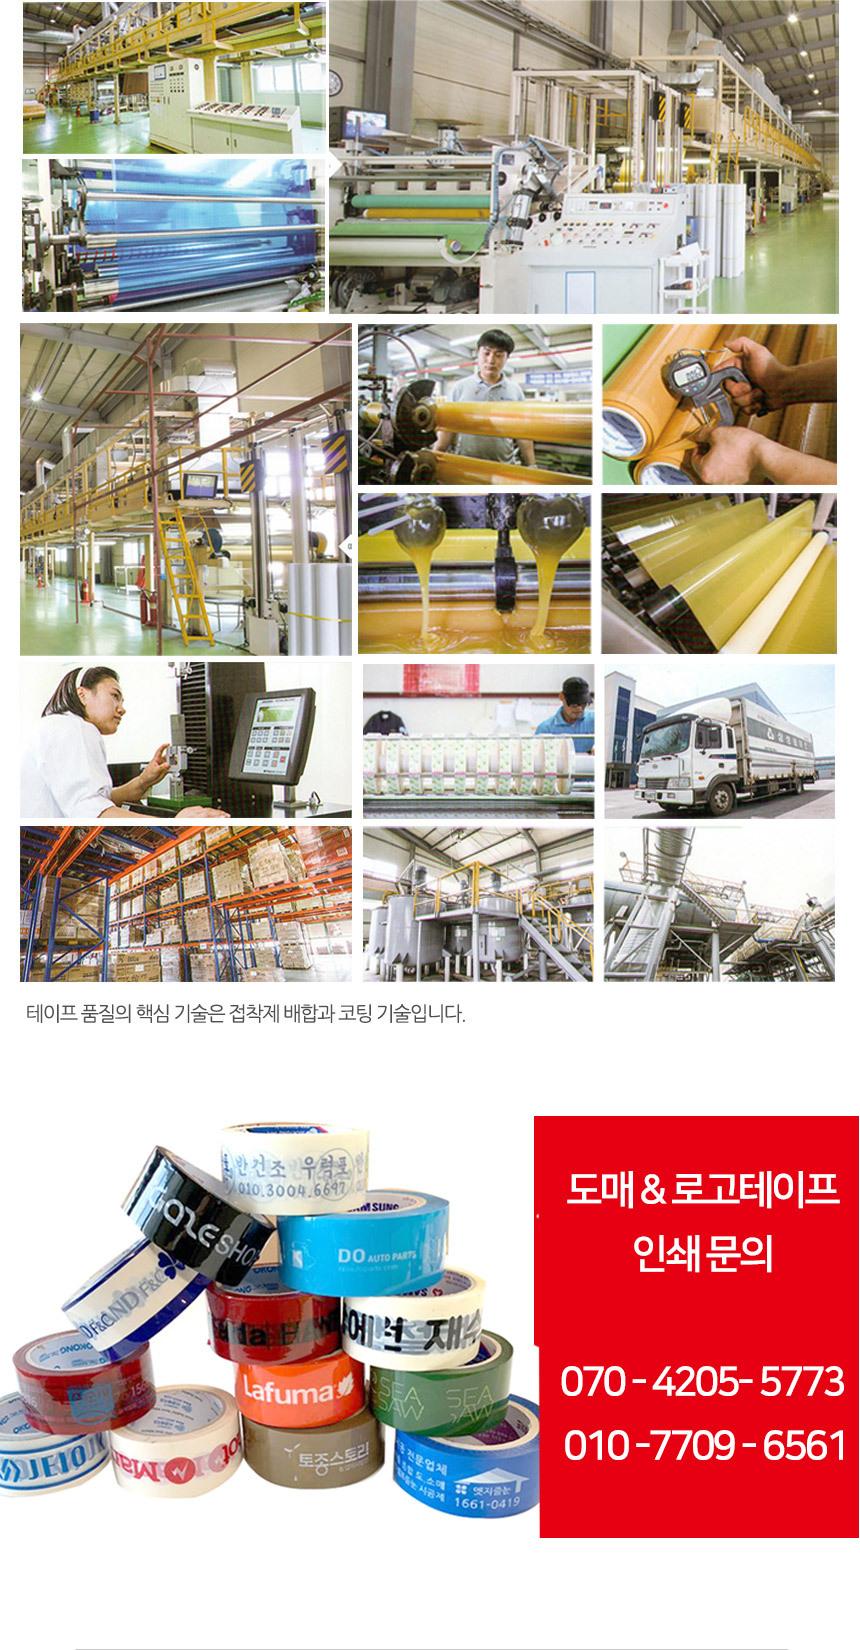 친환경 바이오 투명 박스 테이프 48mm 50m 10개 - 쥬빌리라이프, 15,900원, 테이프, 포장/박스/청 테이프